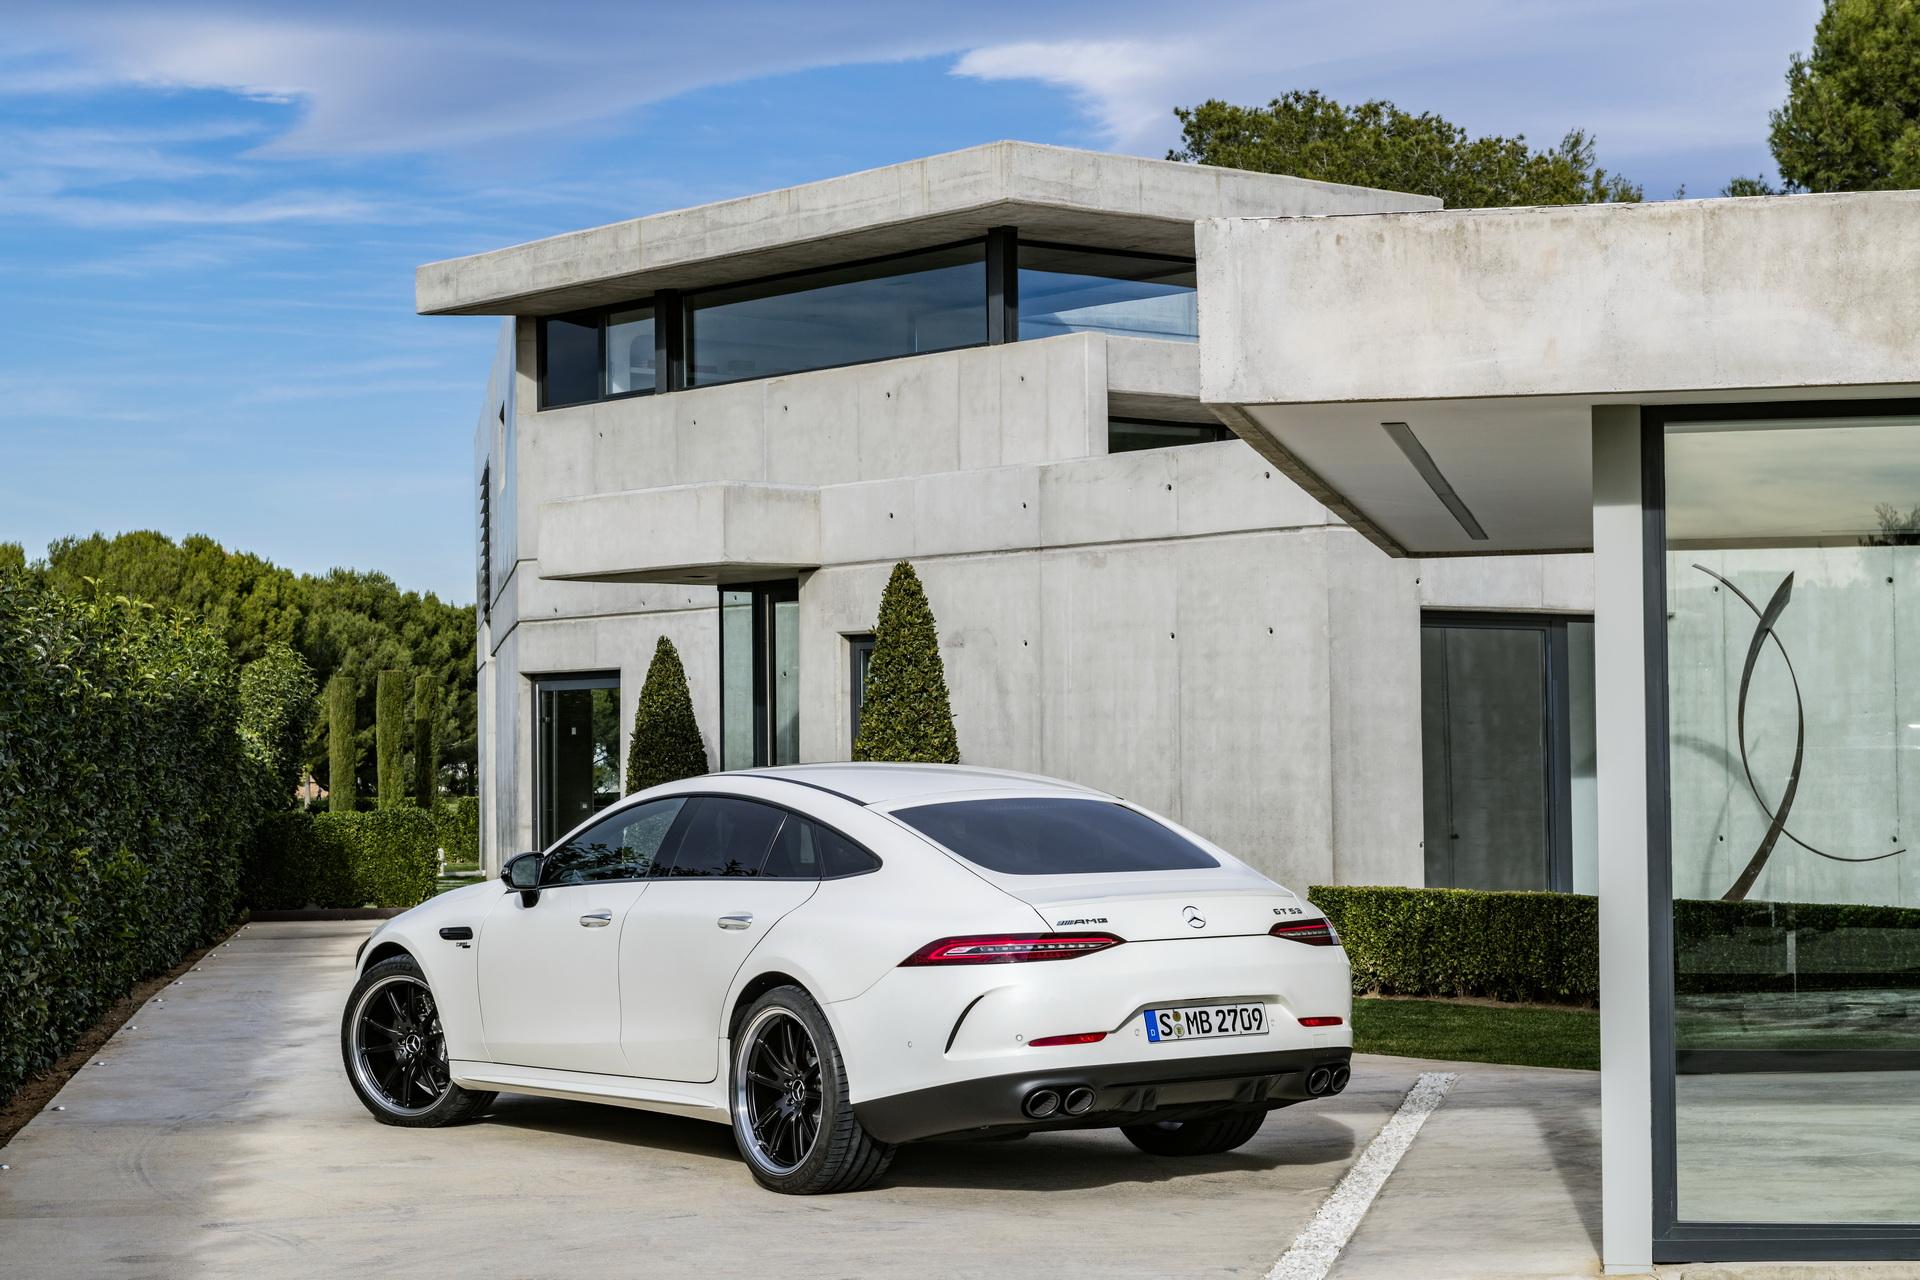 Mercedes-AMG GT 4-Door Coupe PHEV